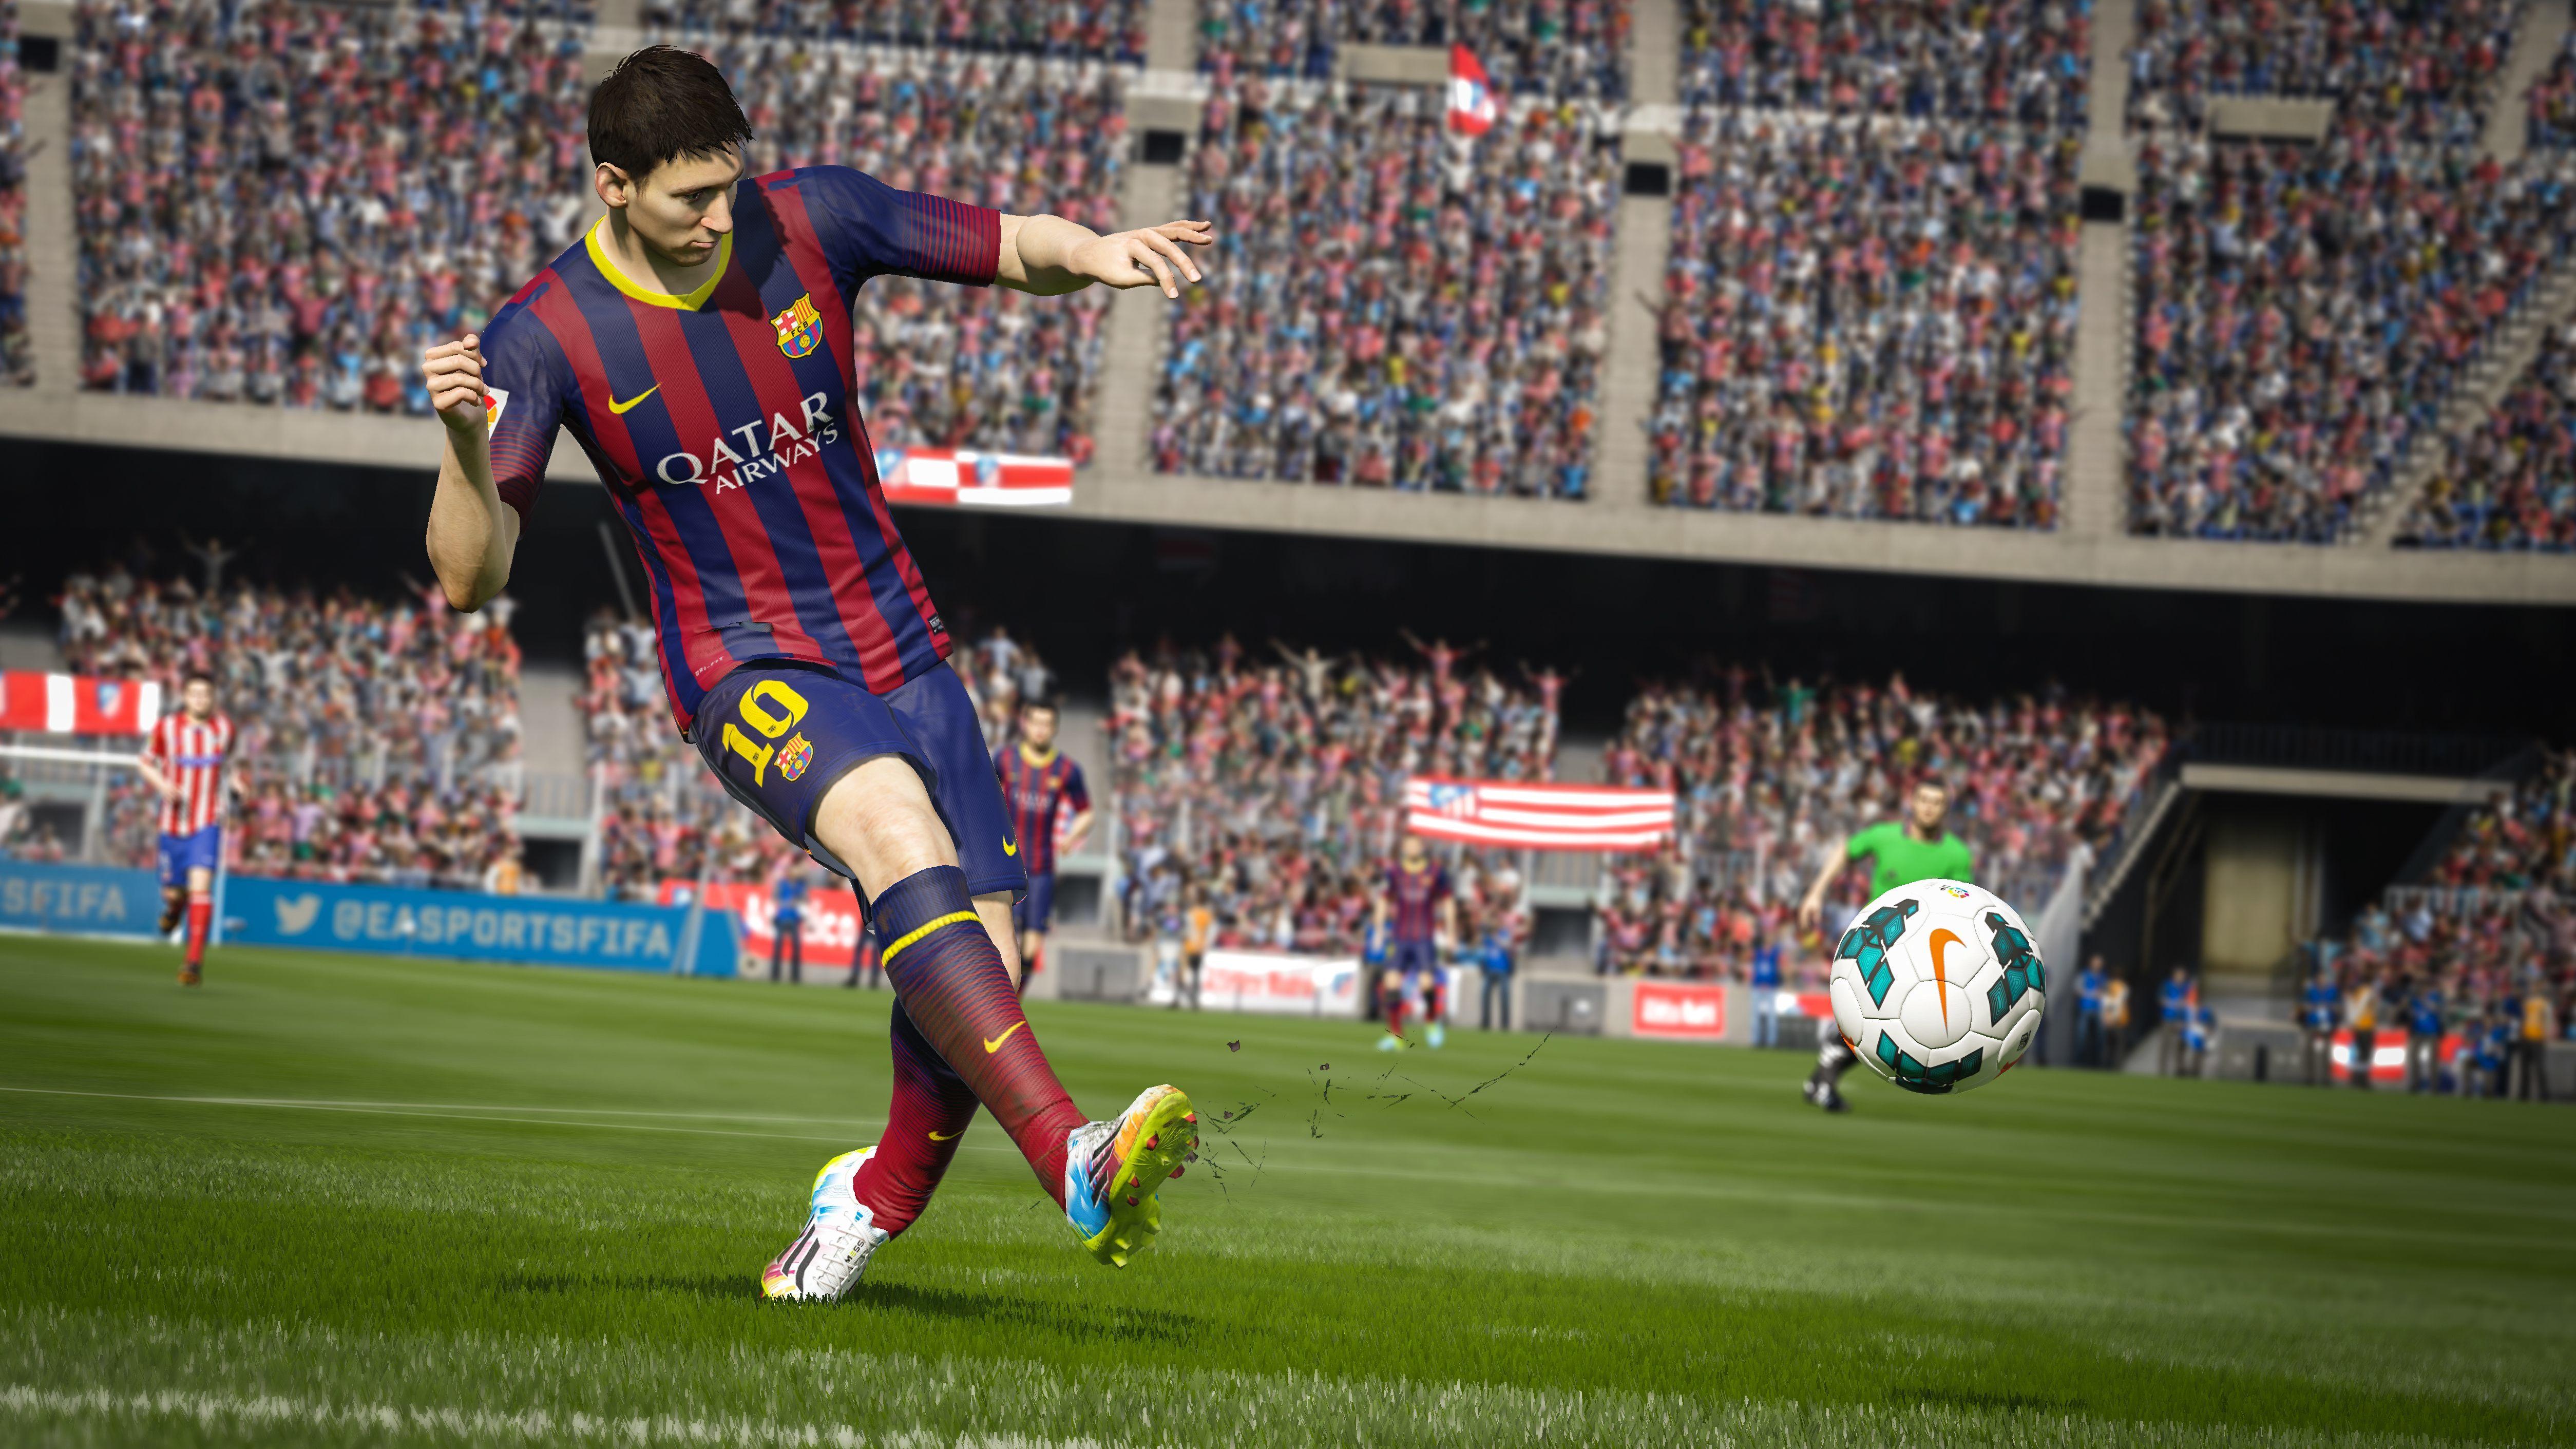 Gra FIFA jest naszpikowana reklamami od sponsorów